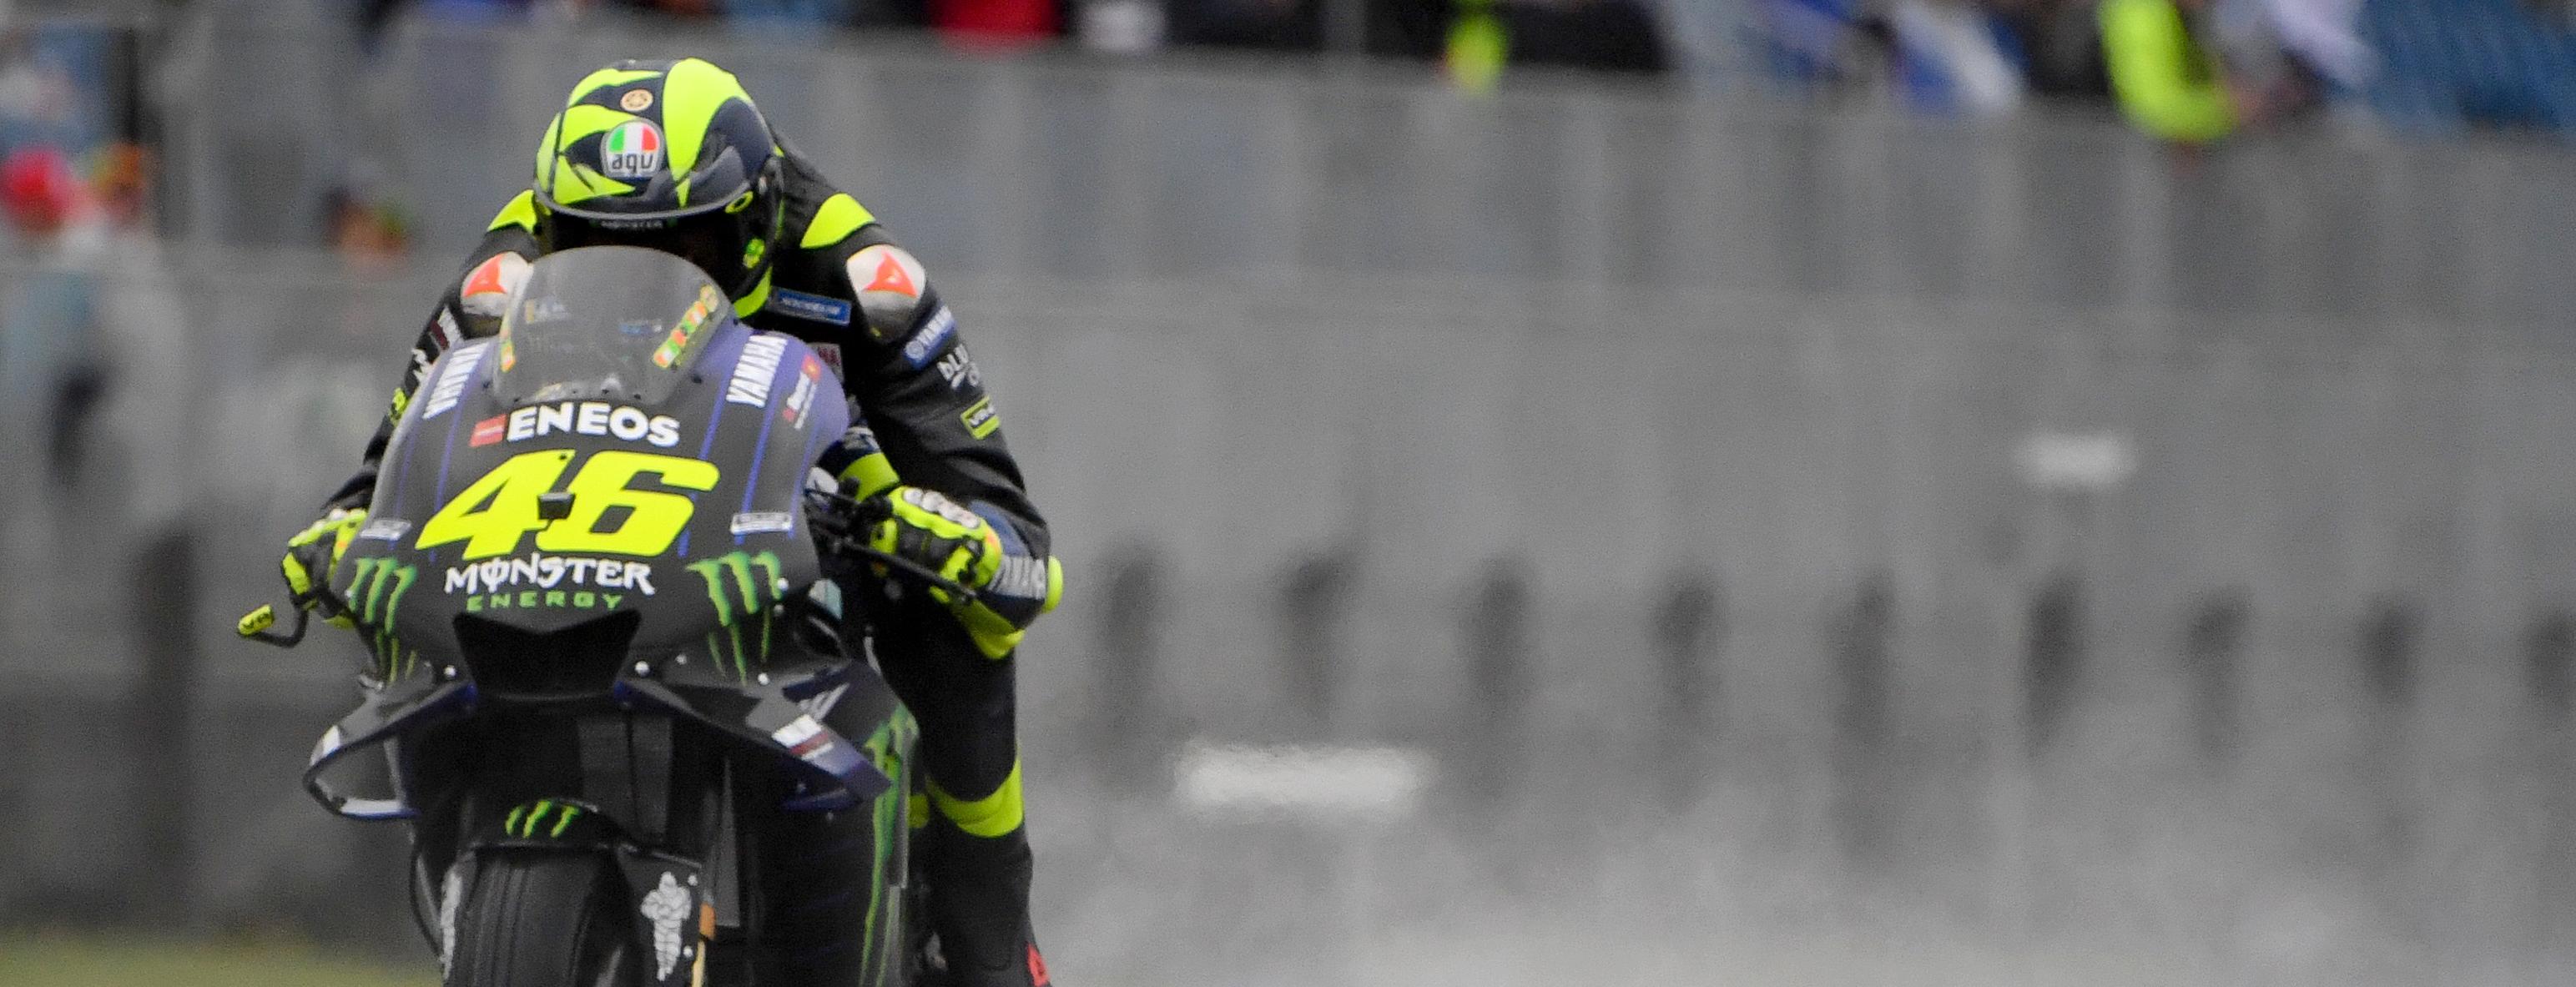 Valentino Rossi MotoGP